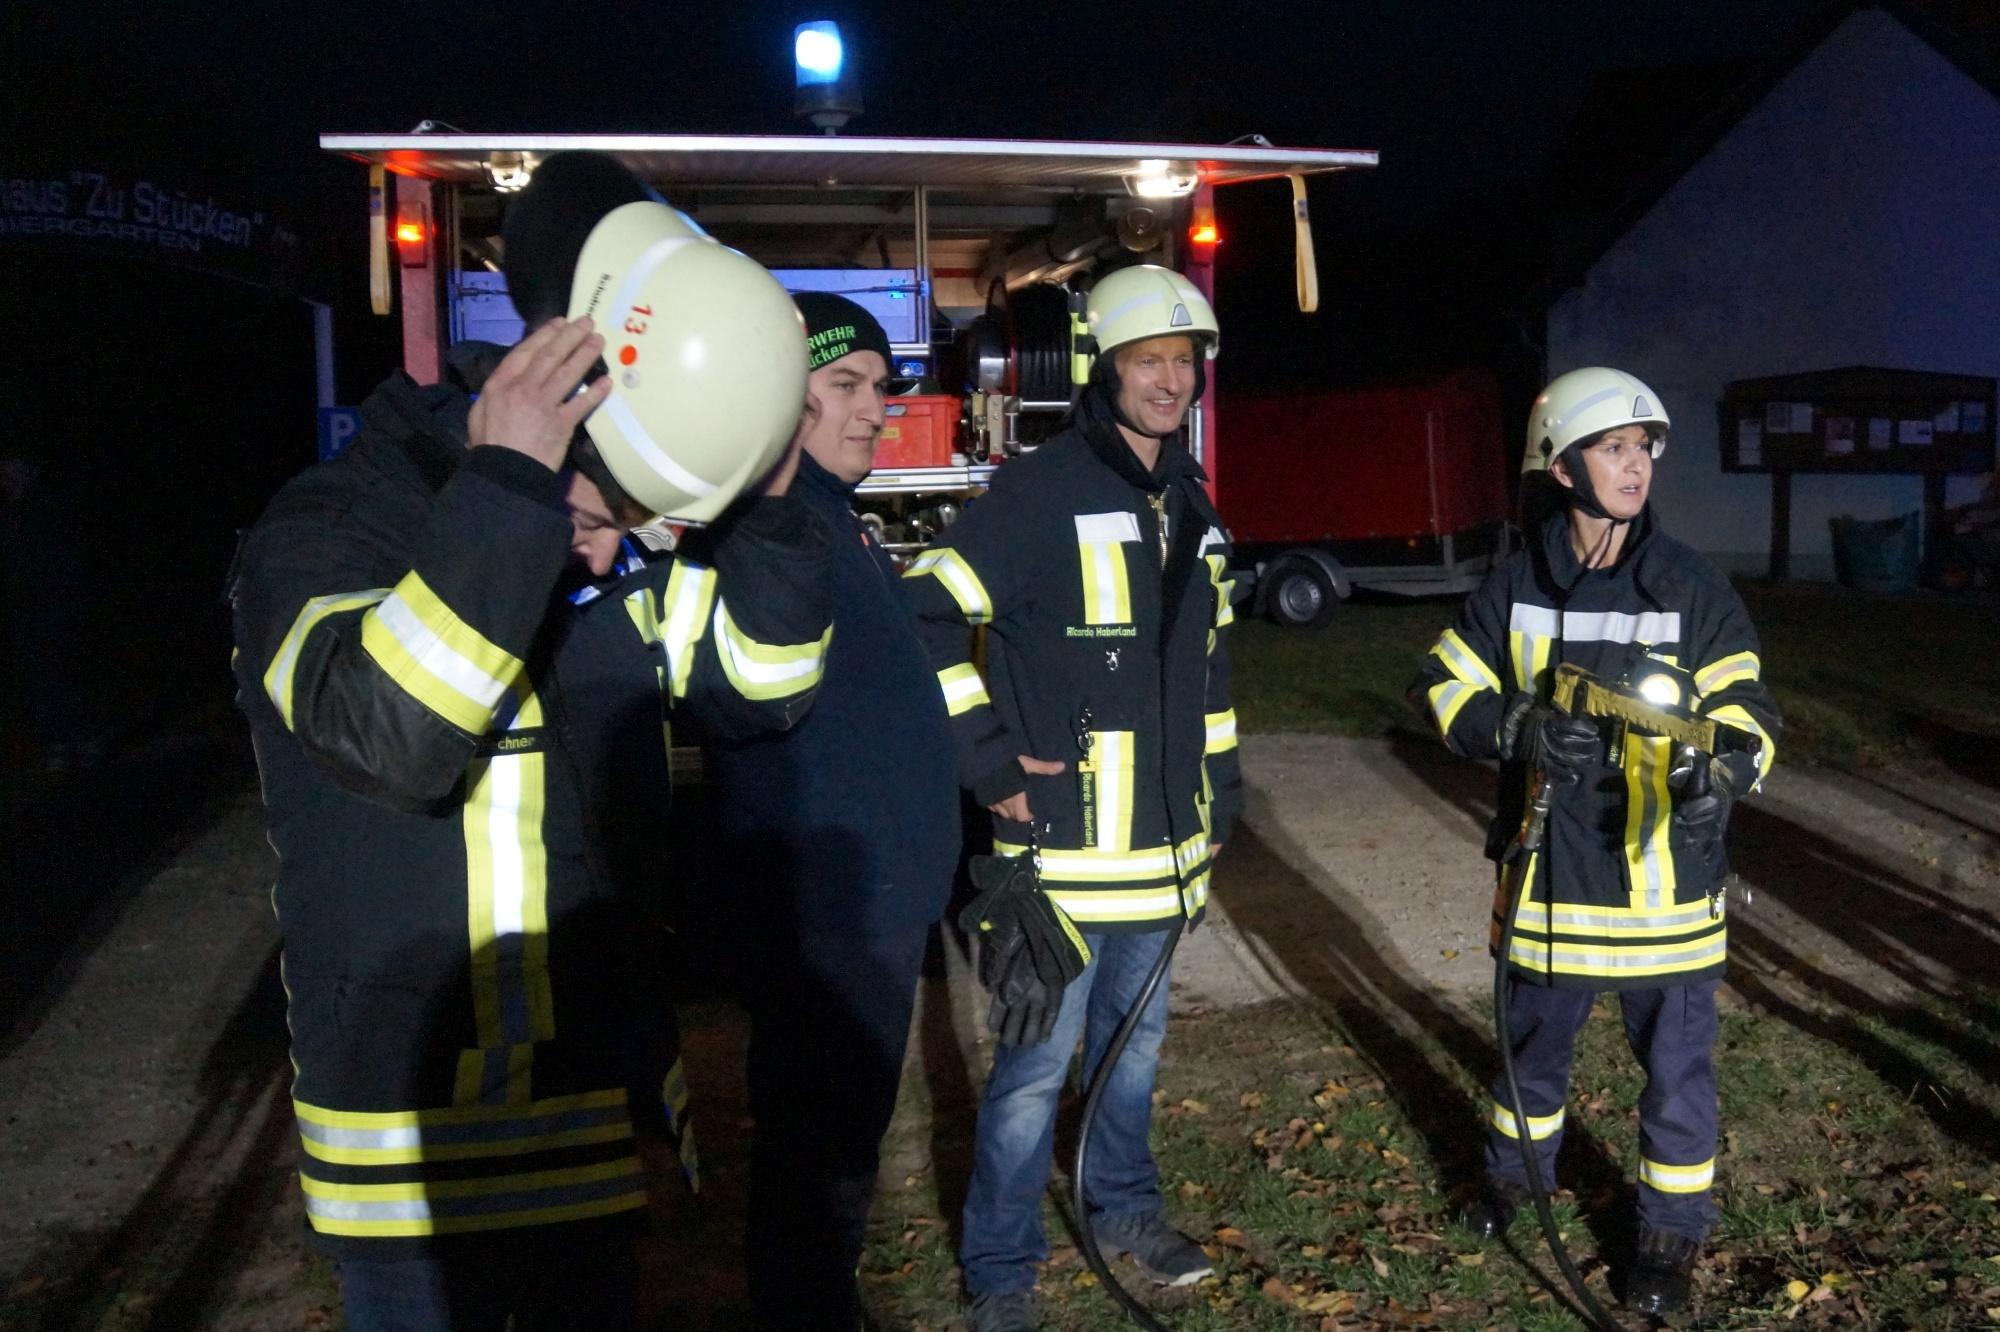 Feuerwehr_Tag_der_offenen_Tür_2018_62